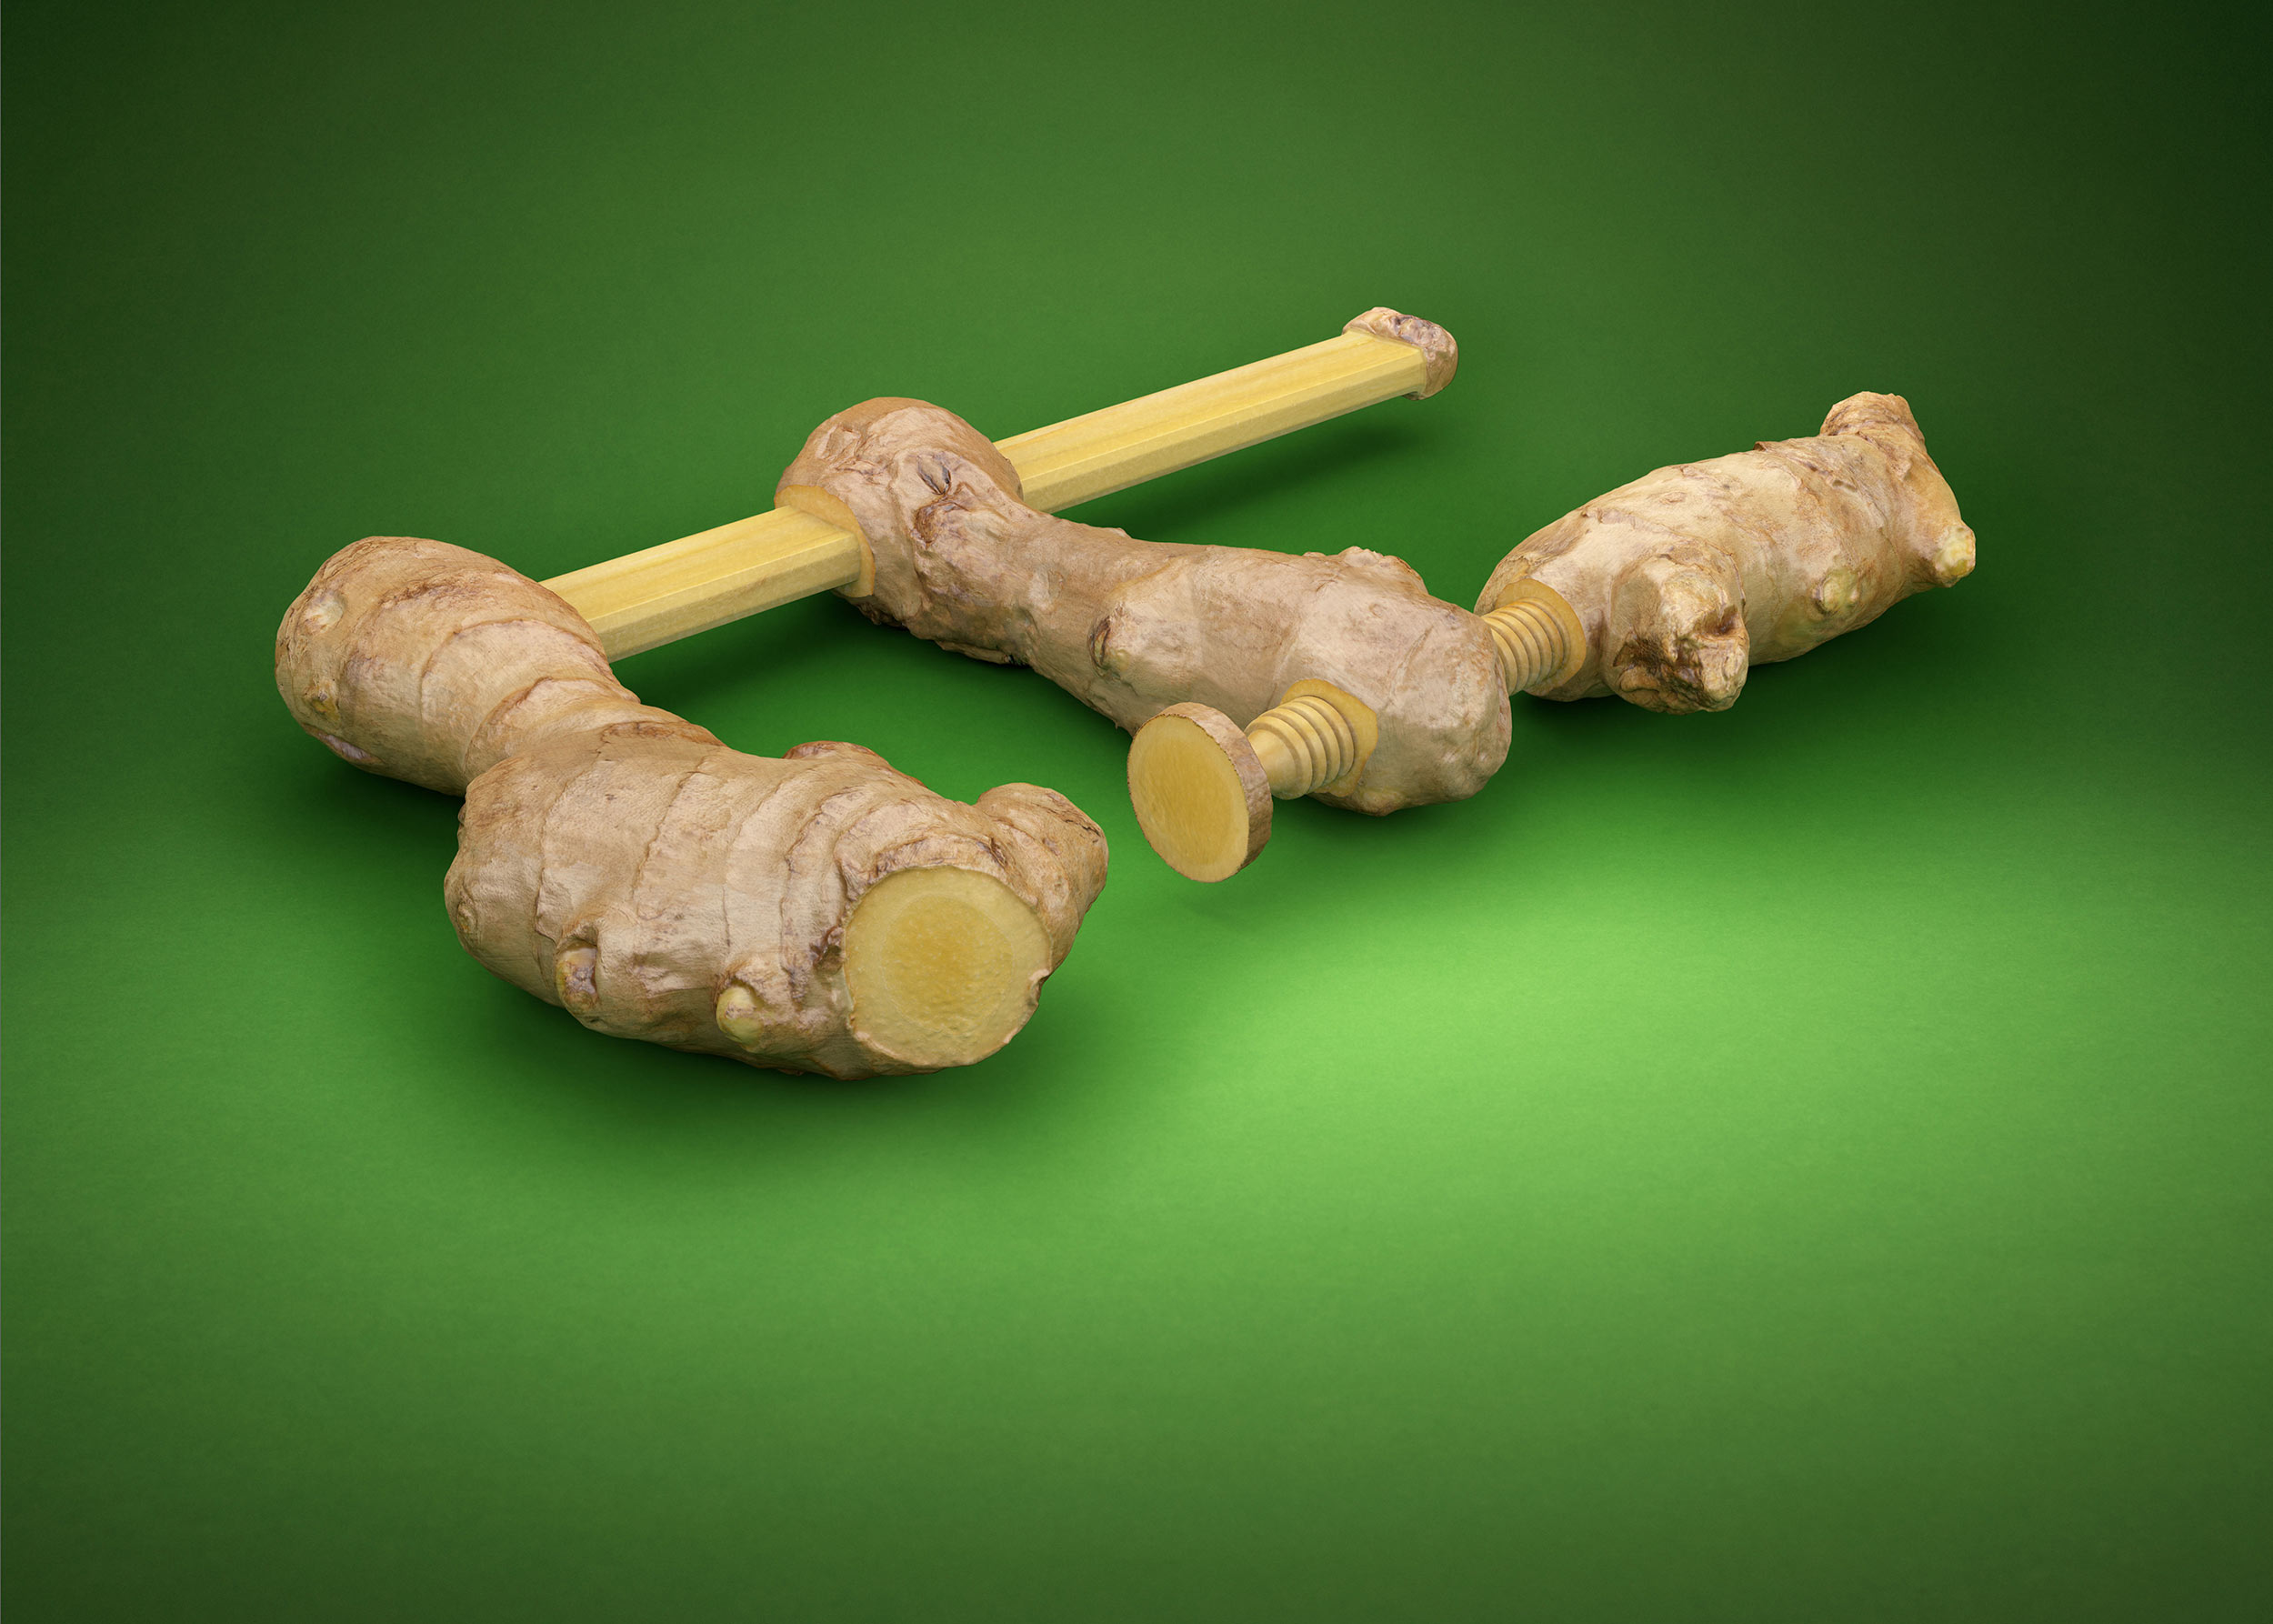 CGI Rendering 3d DK-Küchen Wir kochen Sie bauen food carving Werkzeug Transformation Ingwer Schraubzwinge Idris Kolodziej